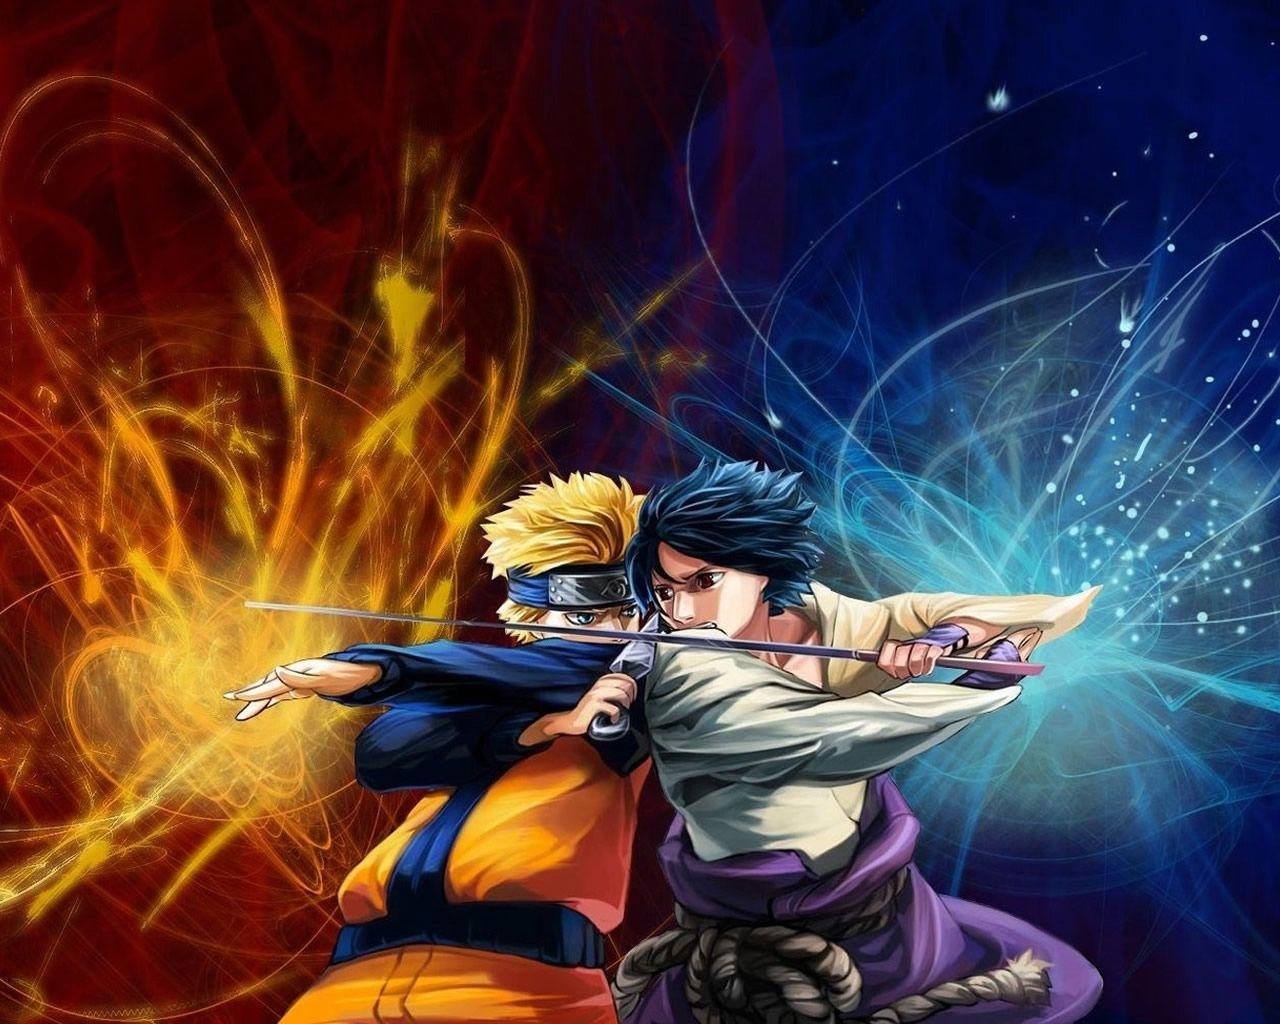 naruto-vs-sasuke-wallpaper-1280×1024-0207 | anime~gaming~scifi